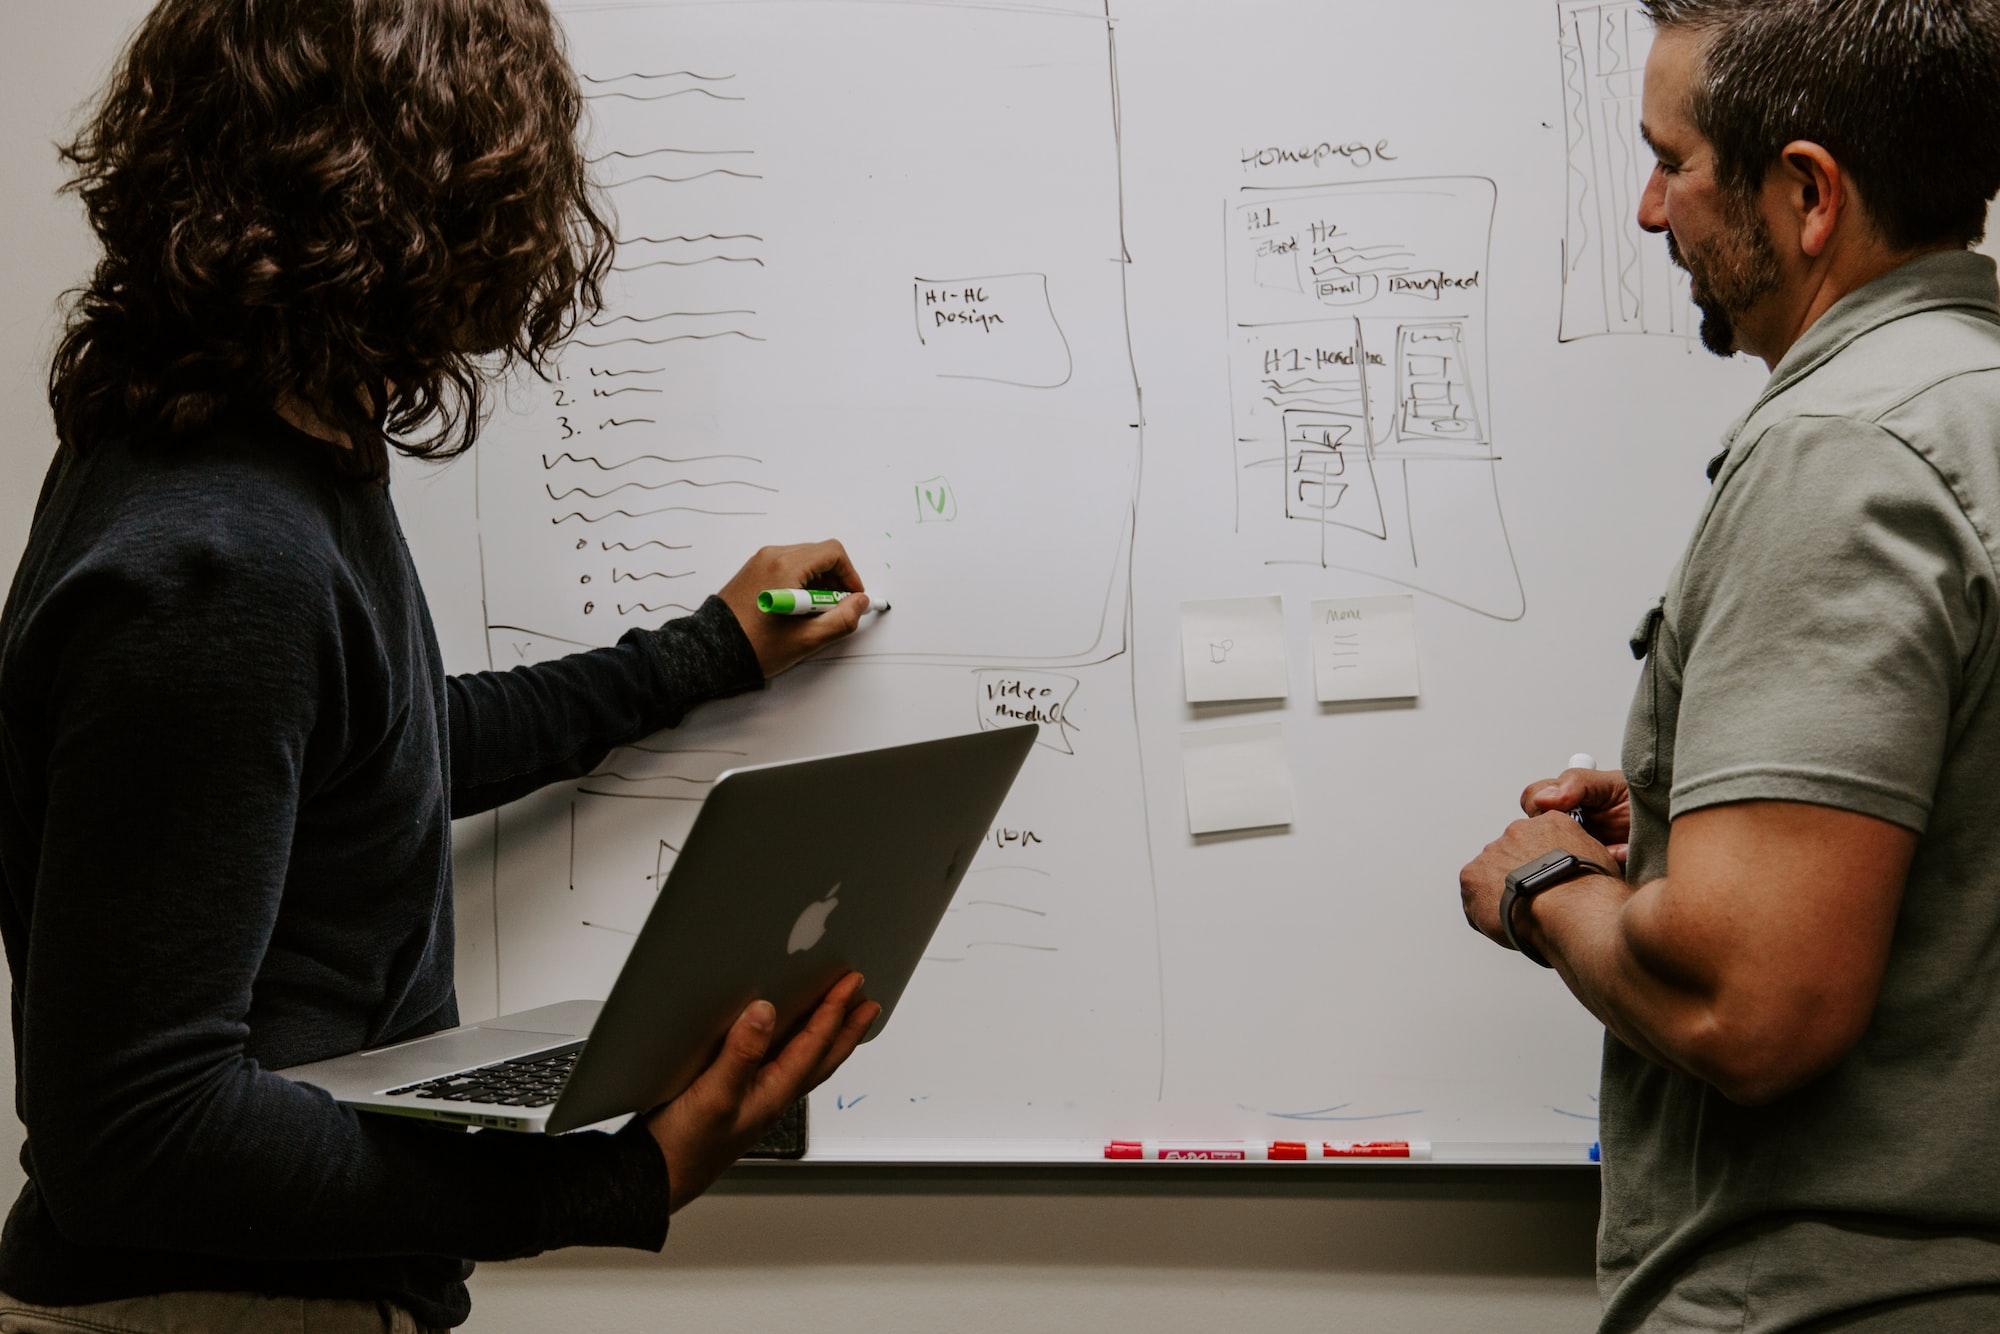 Nghiên cứu đối tượng khách hàng để đánh vào trọng tâm bài viết